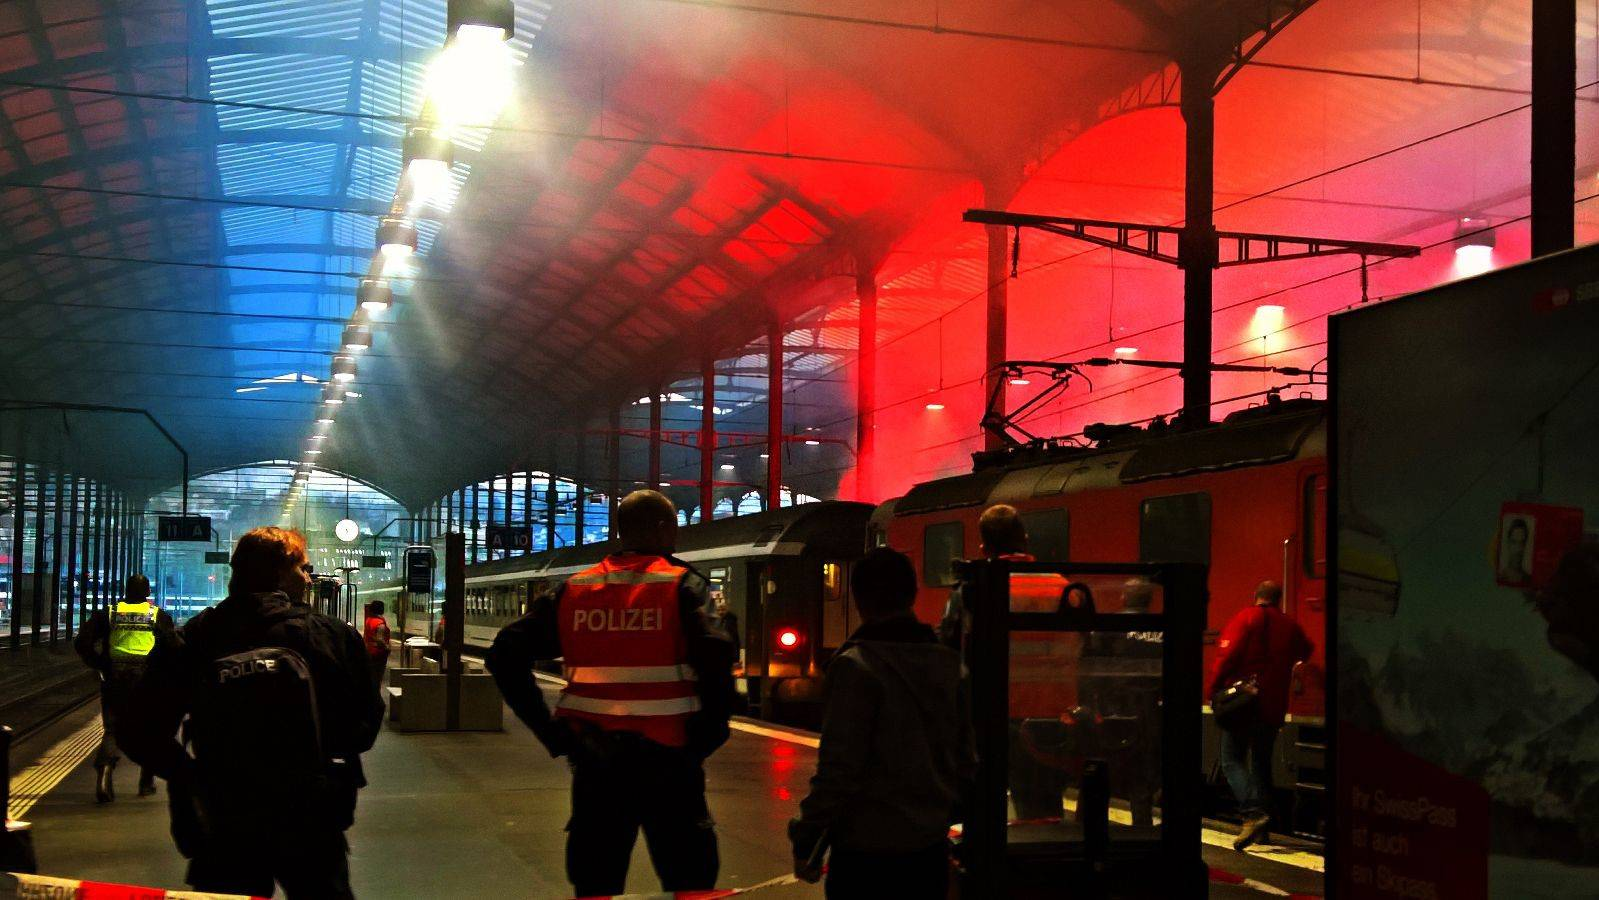 Lugano-Chaoten wüten in Luzerner Bahnhof